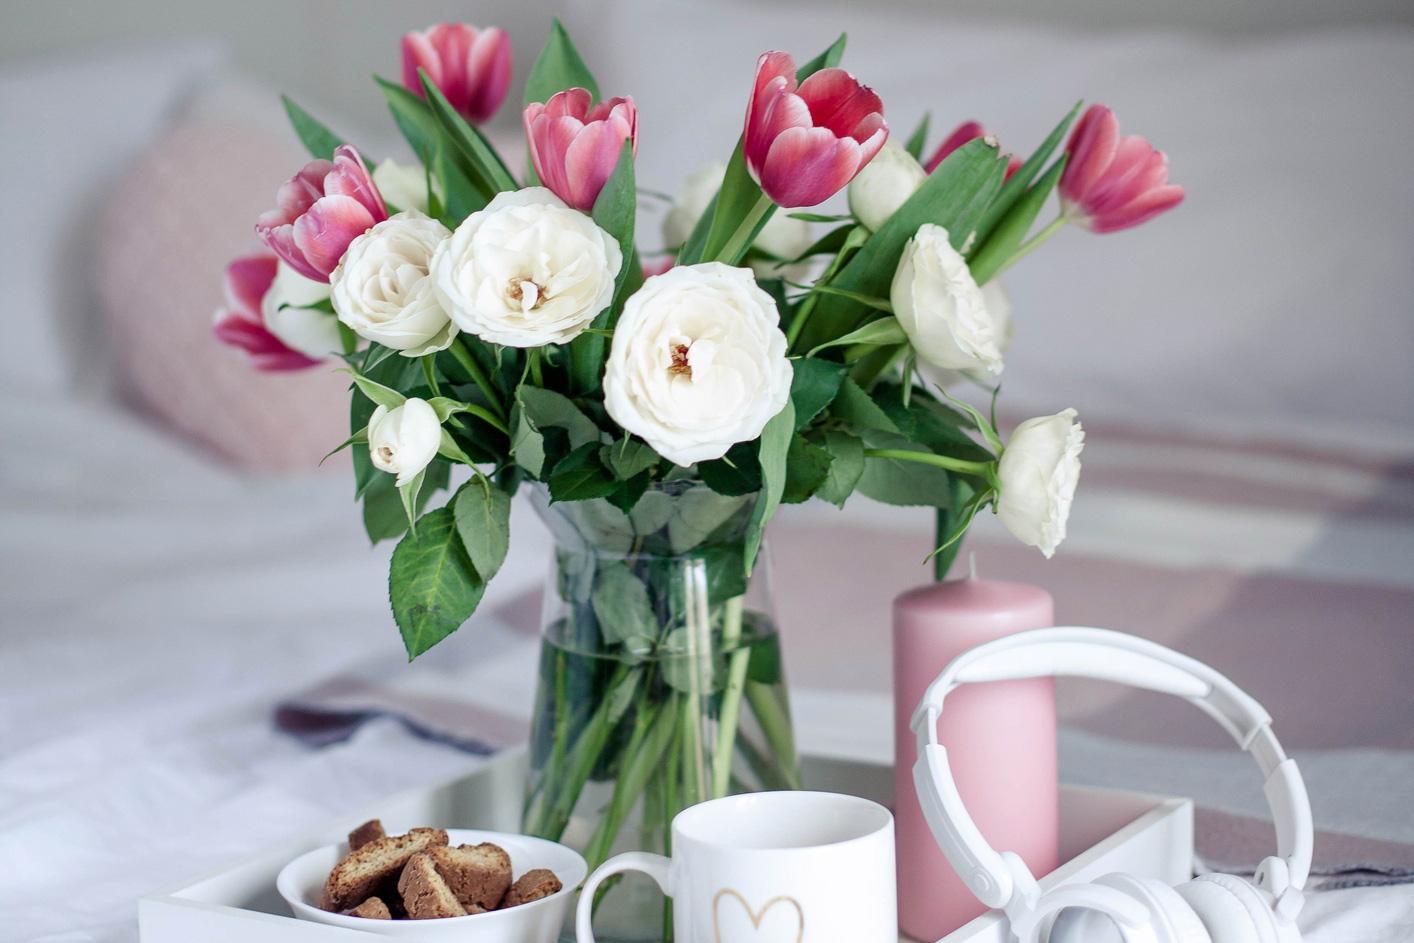 Ein Blumenstrauß. Thema: Unterkünfte in Deutschland